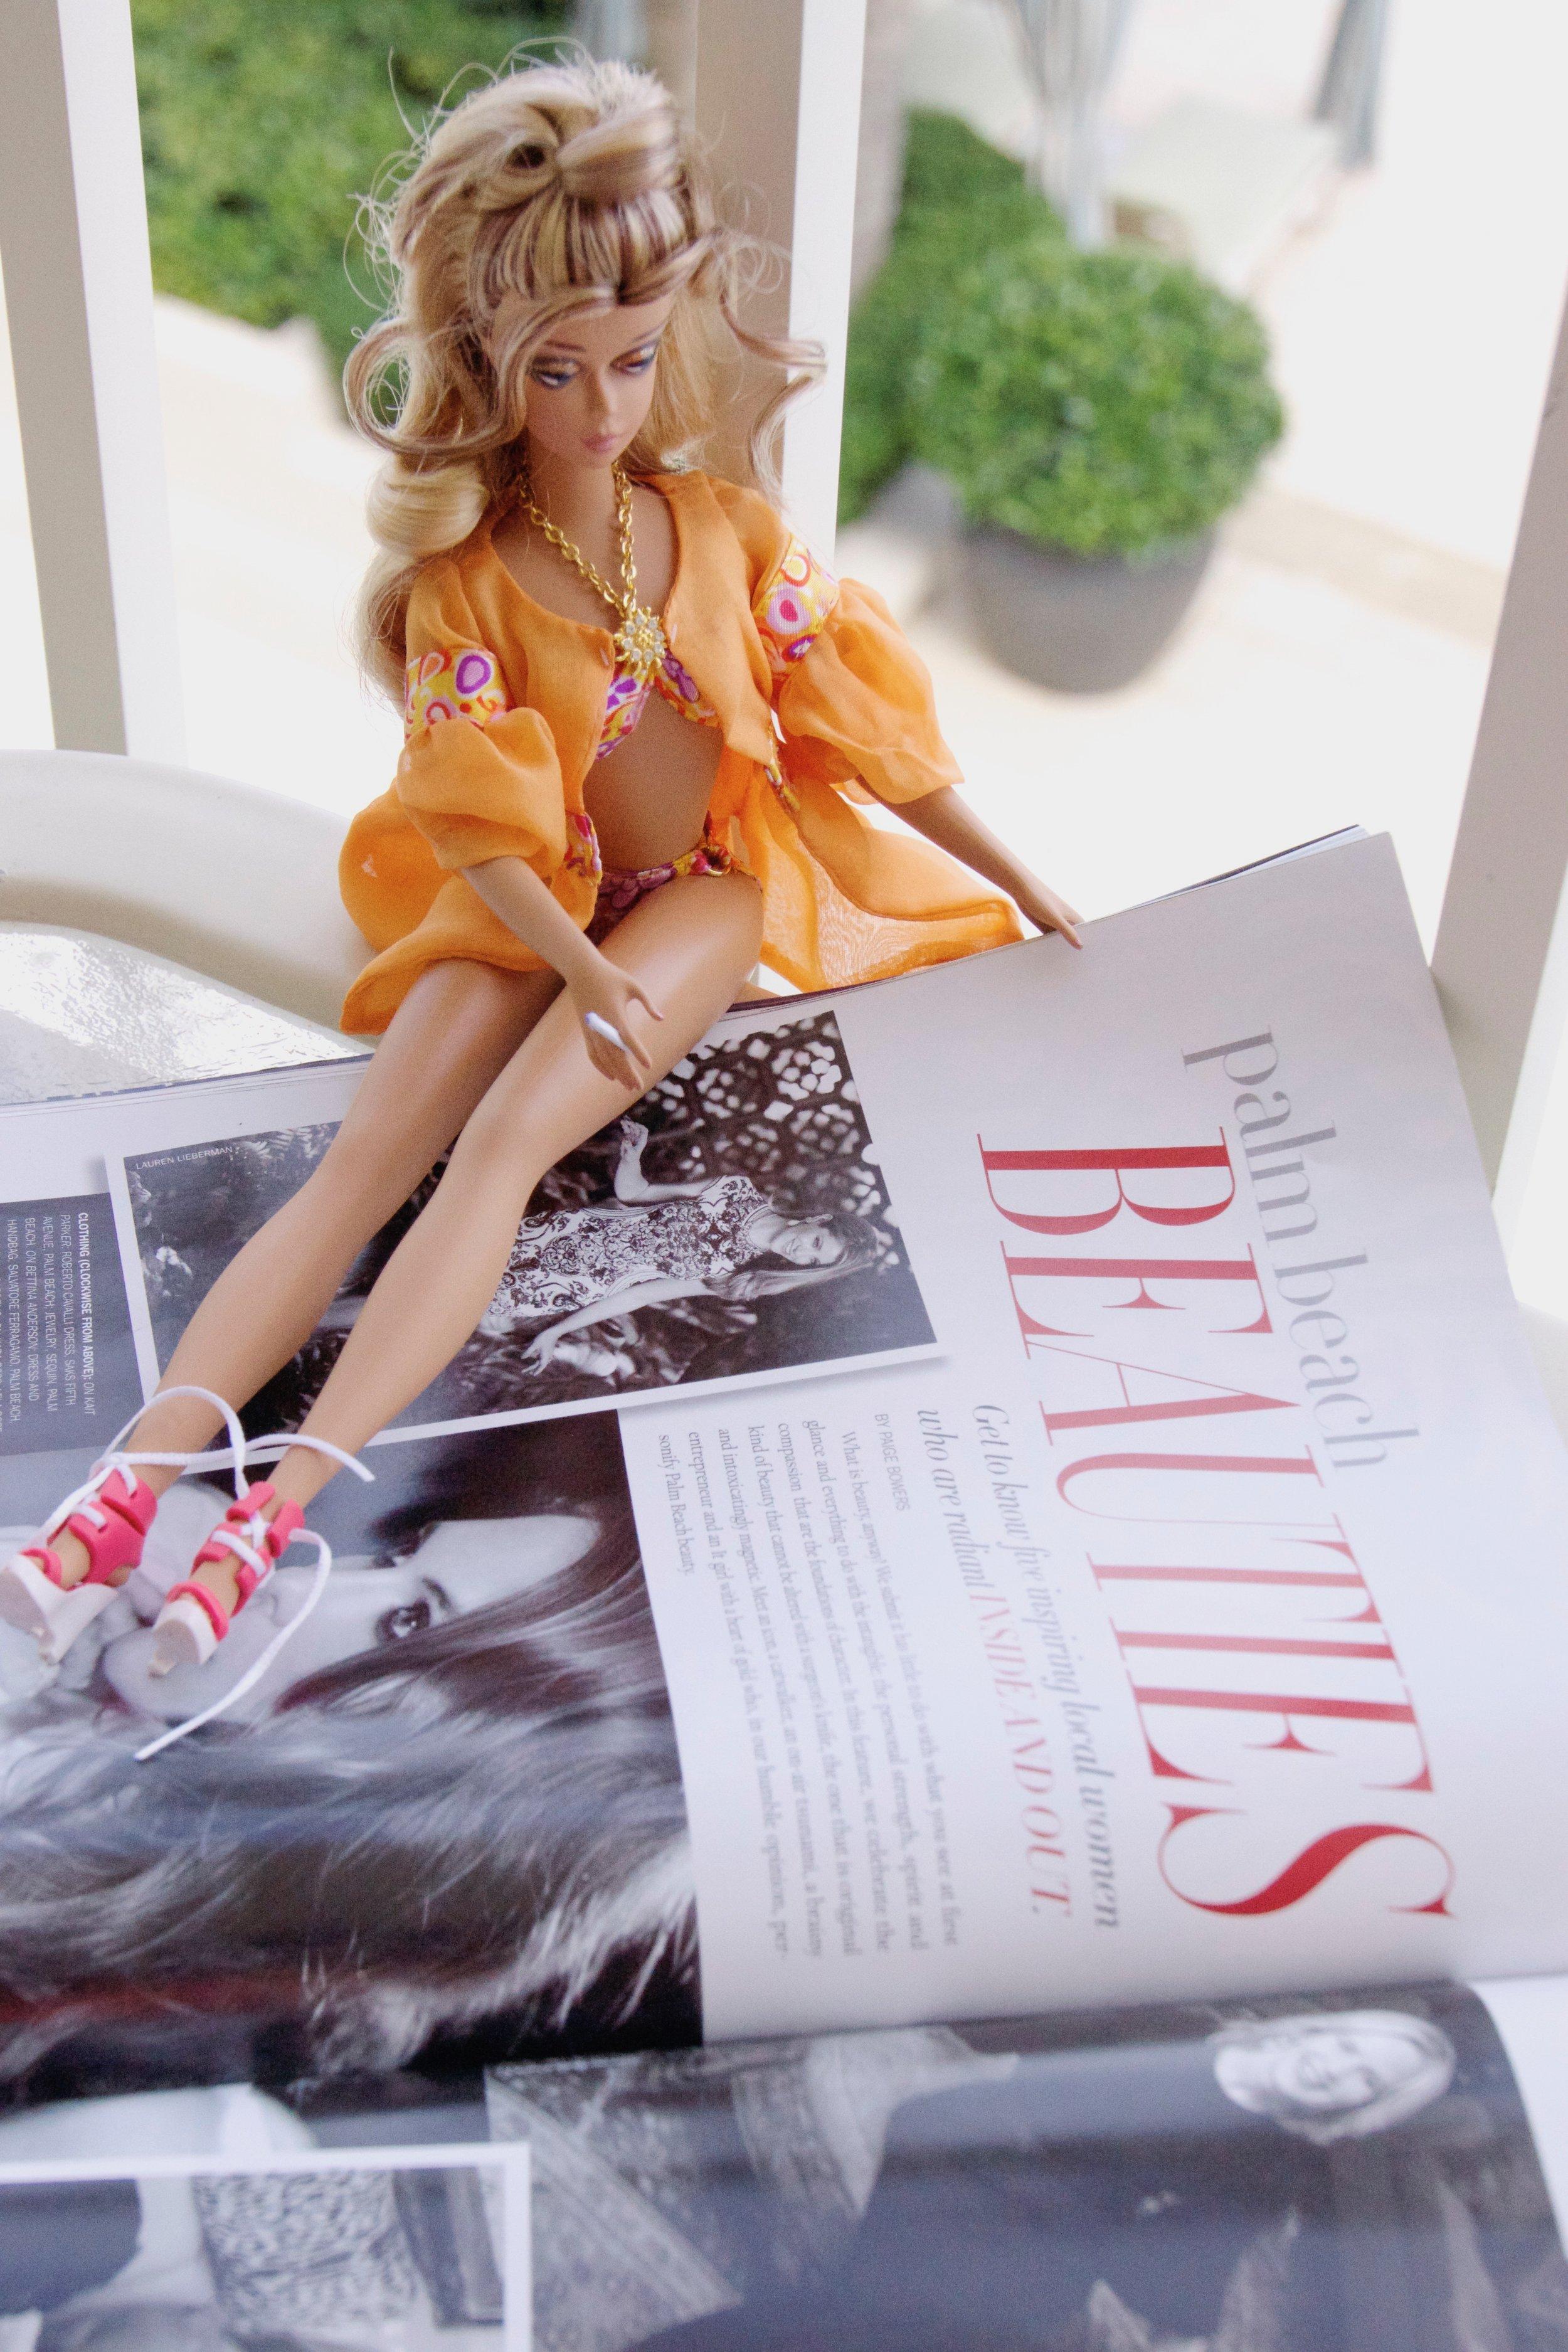 Heidi Horowitz_Palm Beach Beauties_42_ H x 30_ W_Photogrpahic Print Framed_Edition 3_12_2013_$3500.jpg